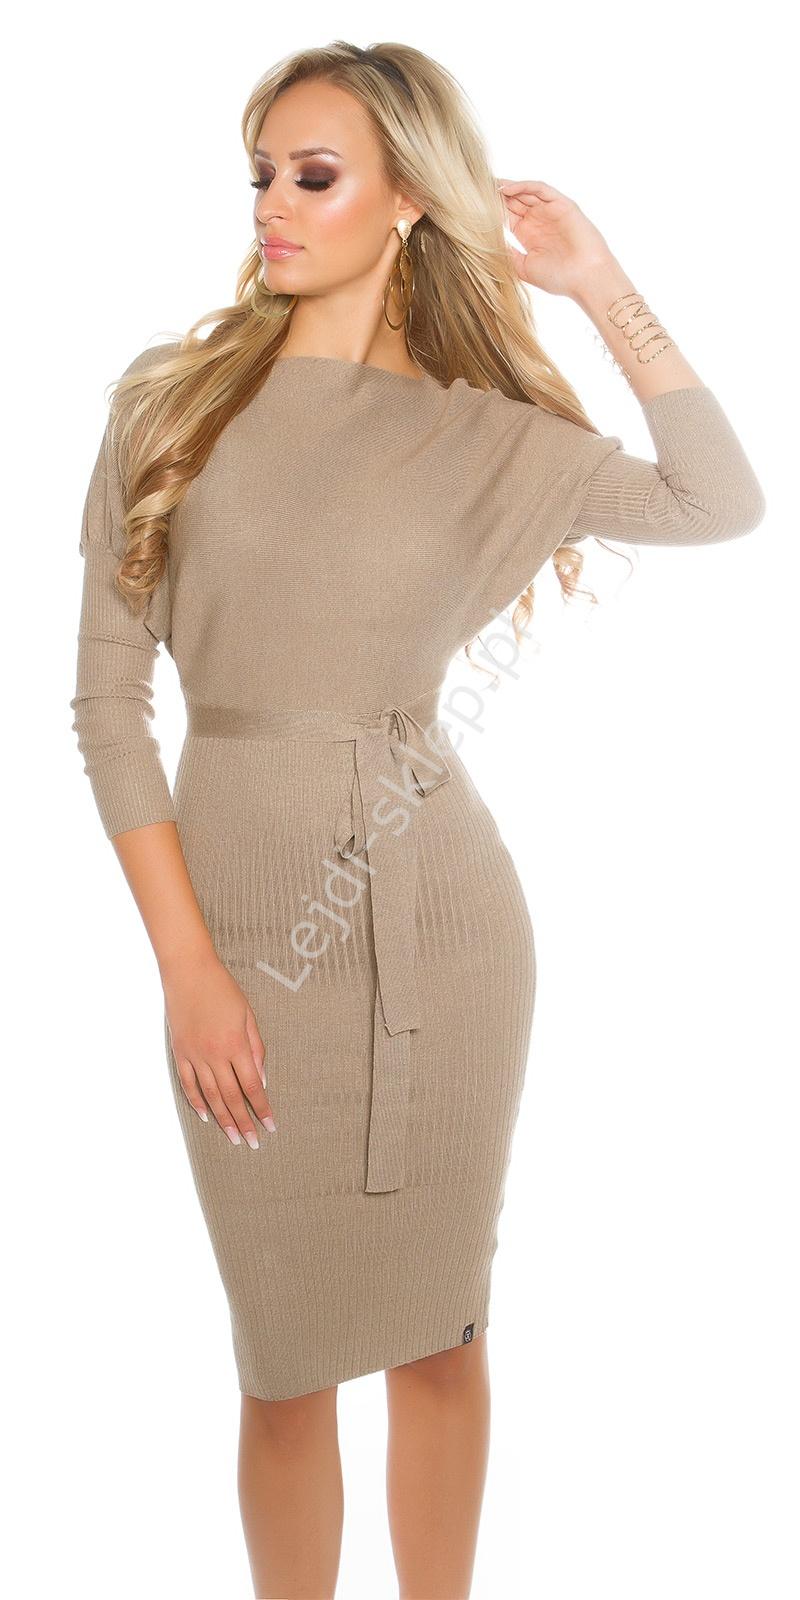 393bdc5cdd Dzianinowa beżowa elegancka sukienka midi z paskiem 8959 - Lejdi.pl